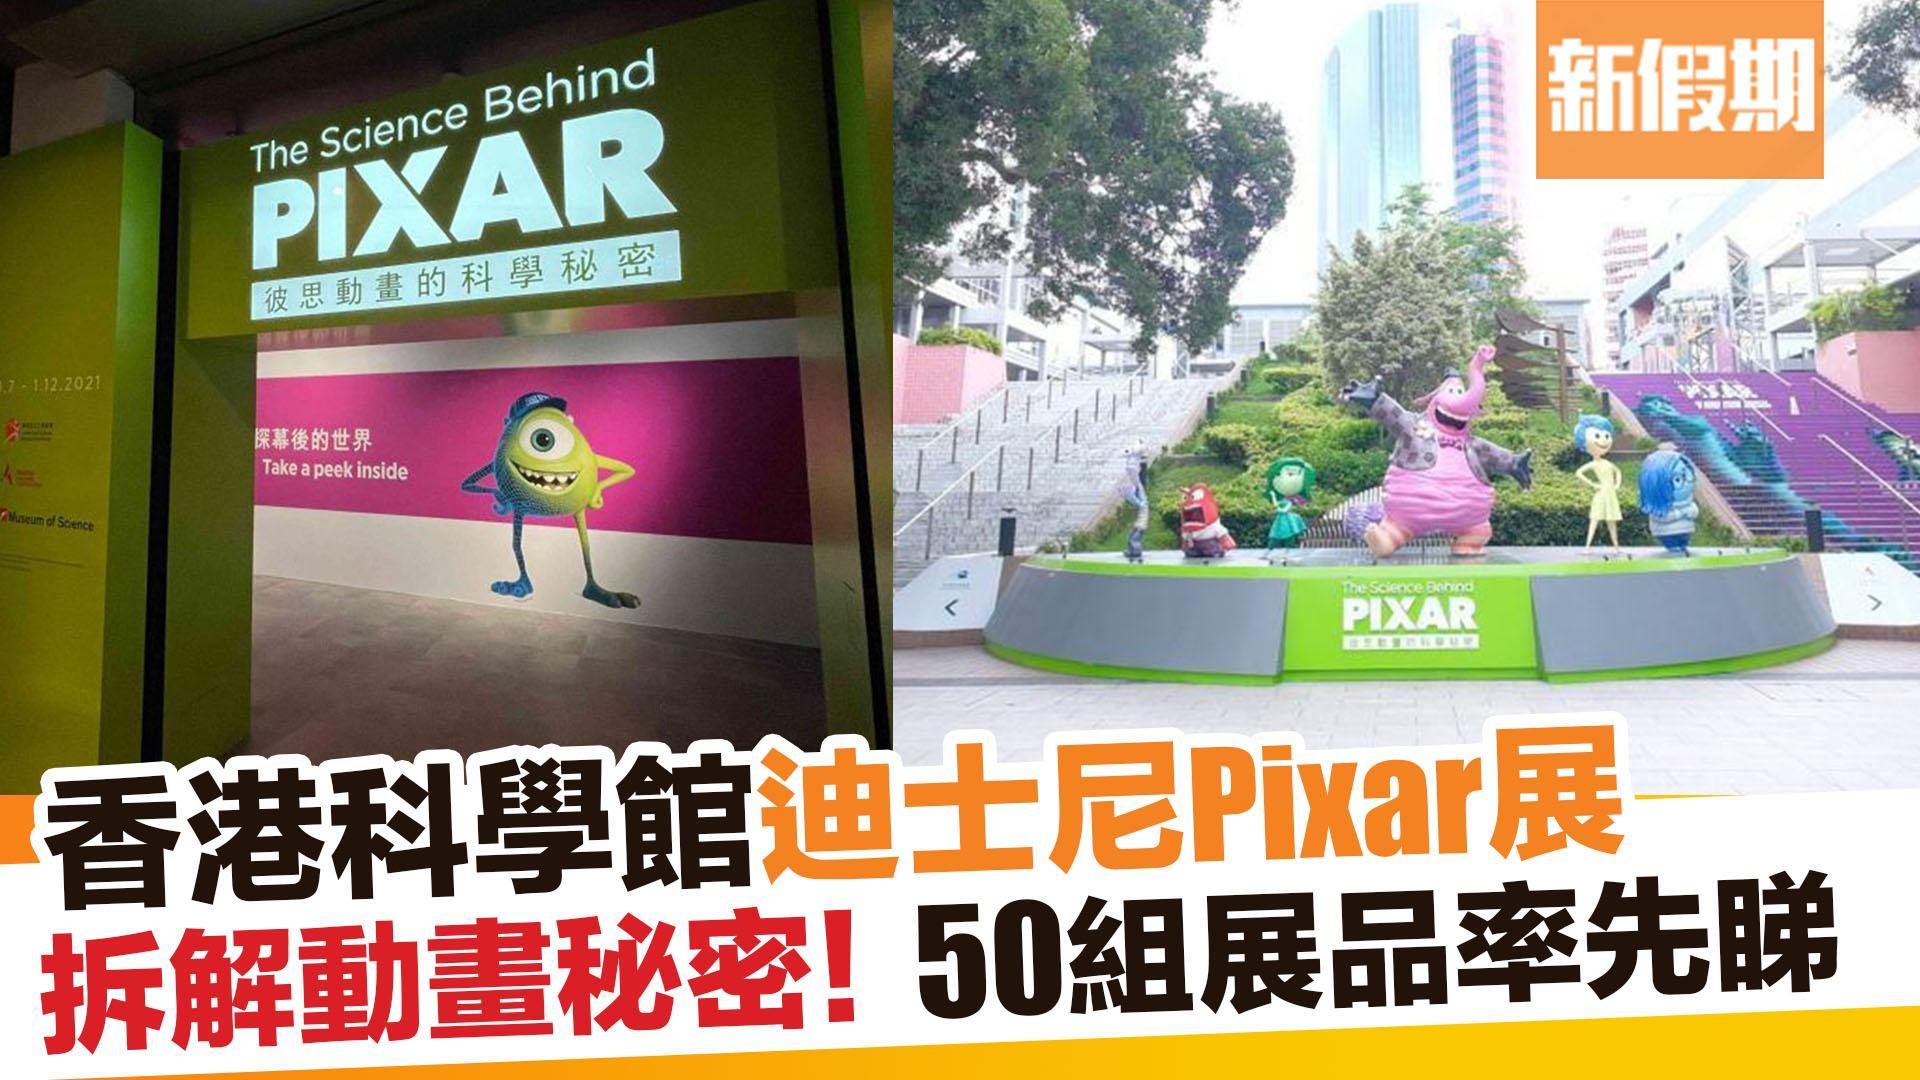 【香港好去處】香港科學館迪士尼Pixar主題展開幕 現場多圖率先睇!50多組互動展品+體驗動畫科學秘密 新假期